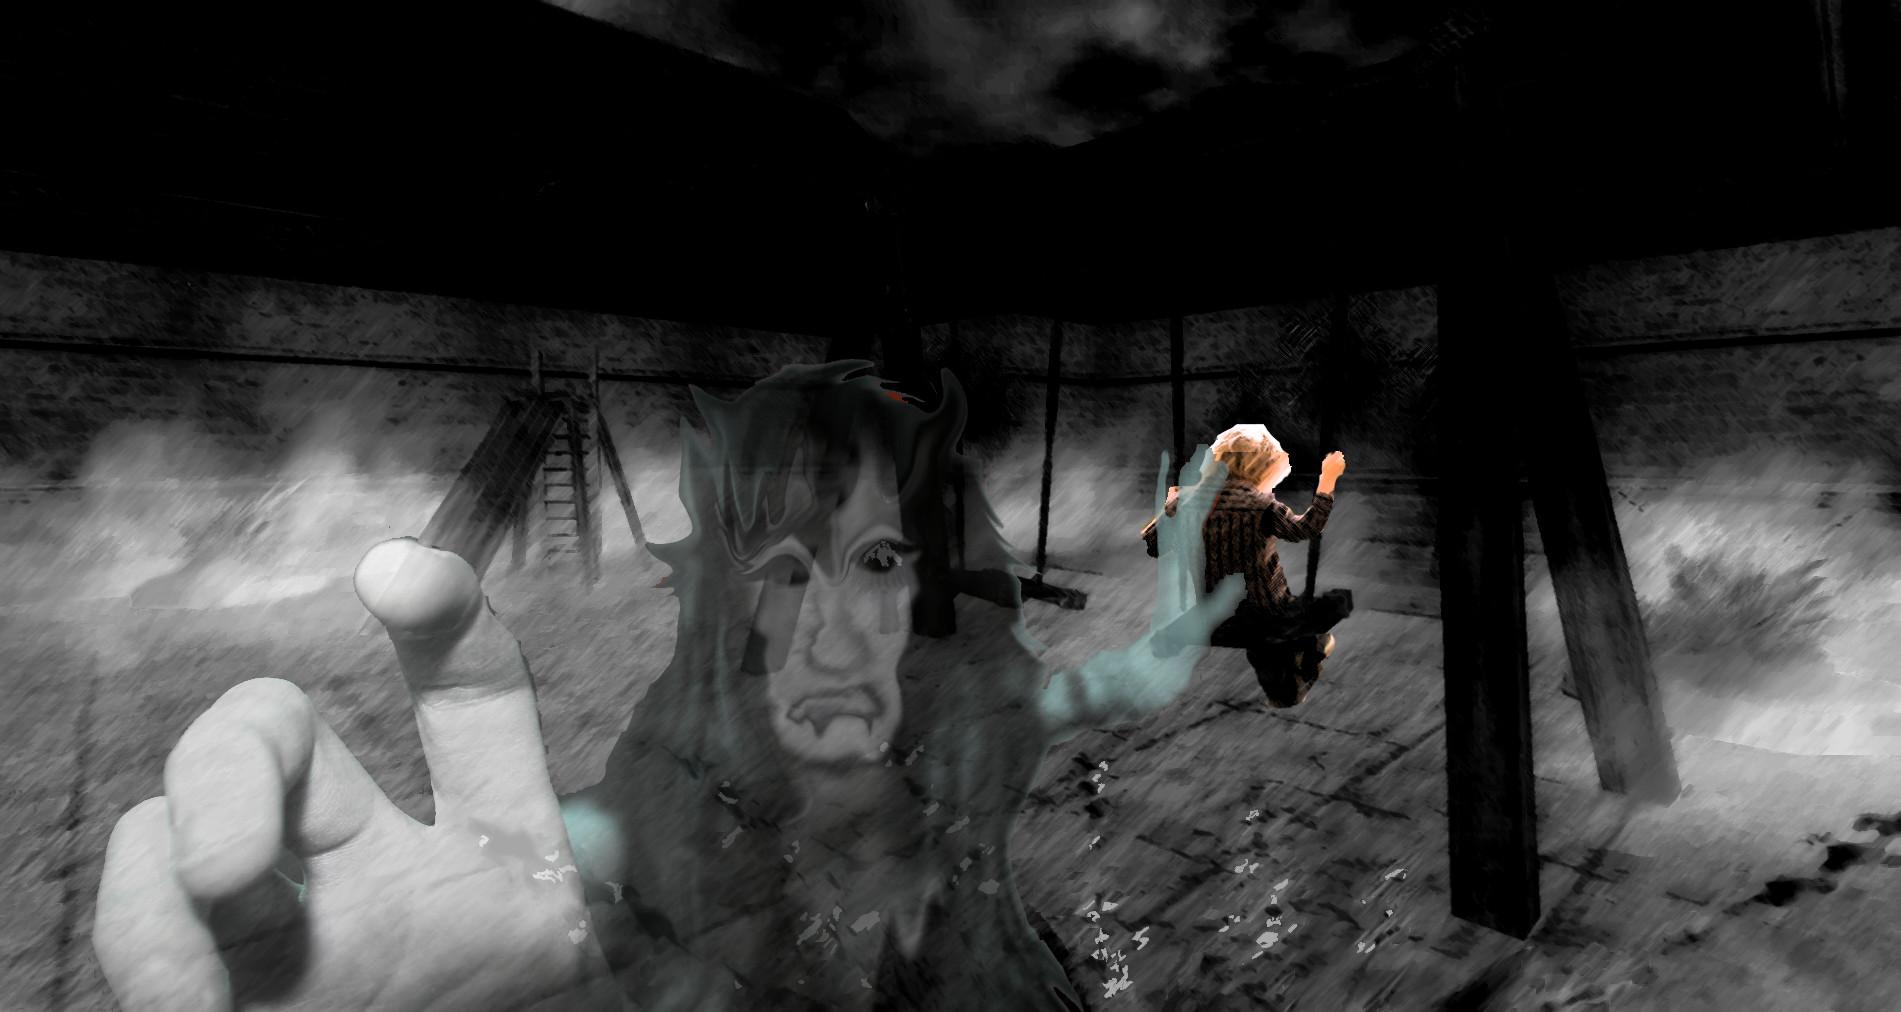 CreepyPlayground-Scene-1.jpg